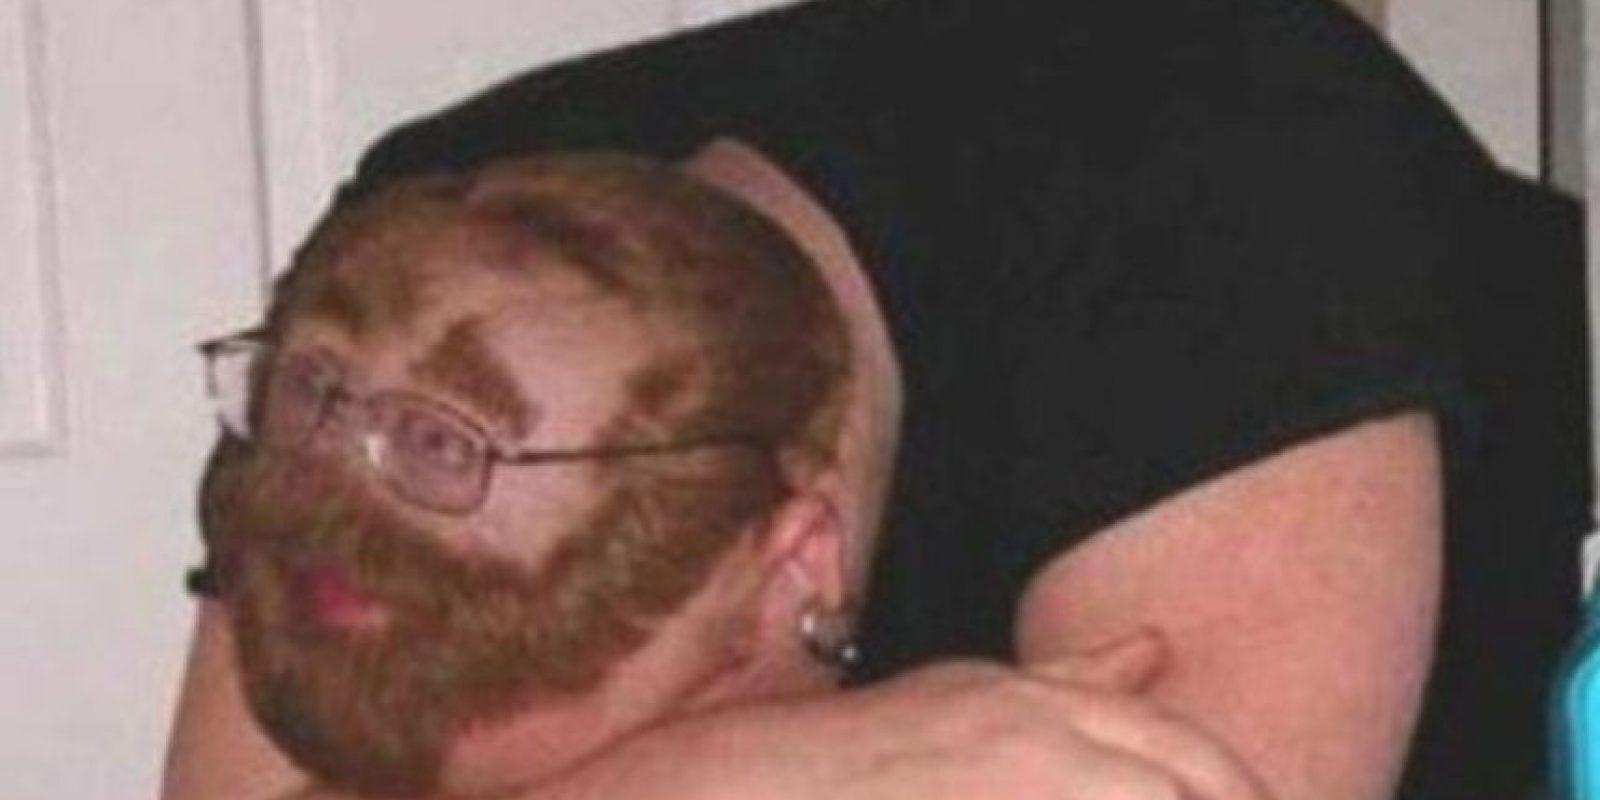 Esto pasa si uno se duerme y se queda borracho. Foto:EmbarrassingNightClubPhotos